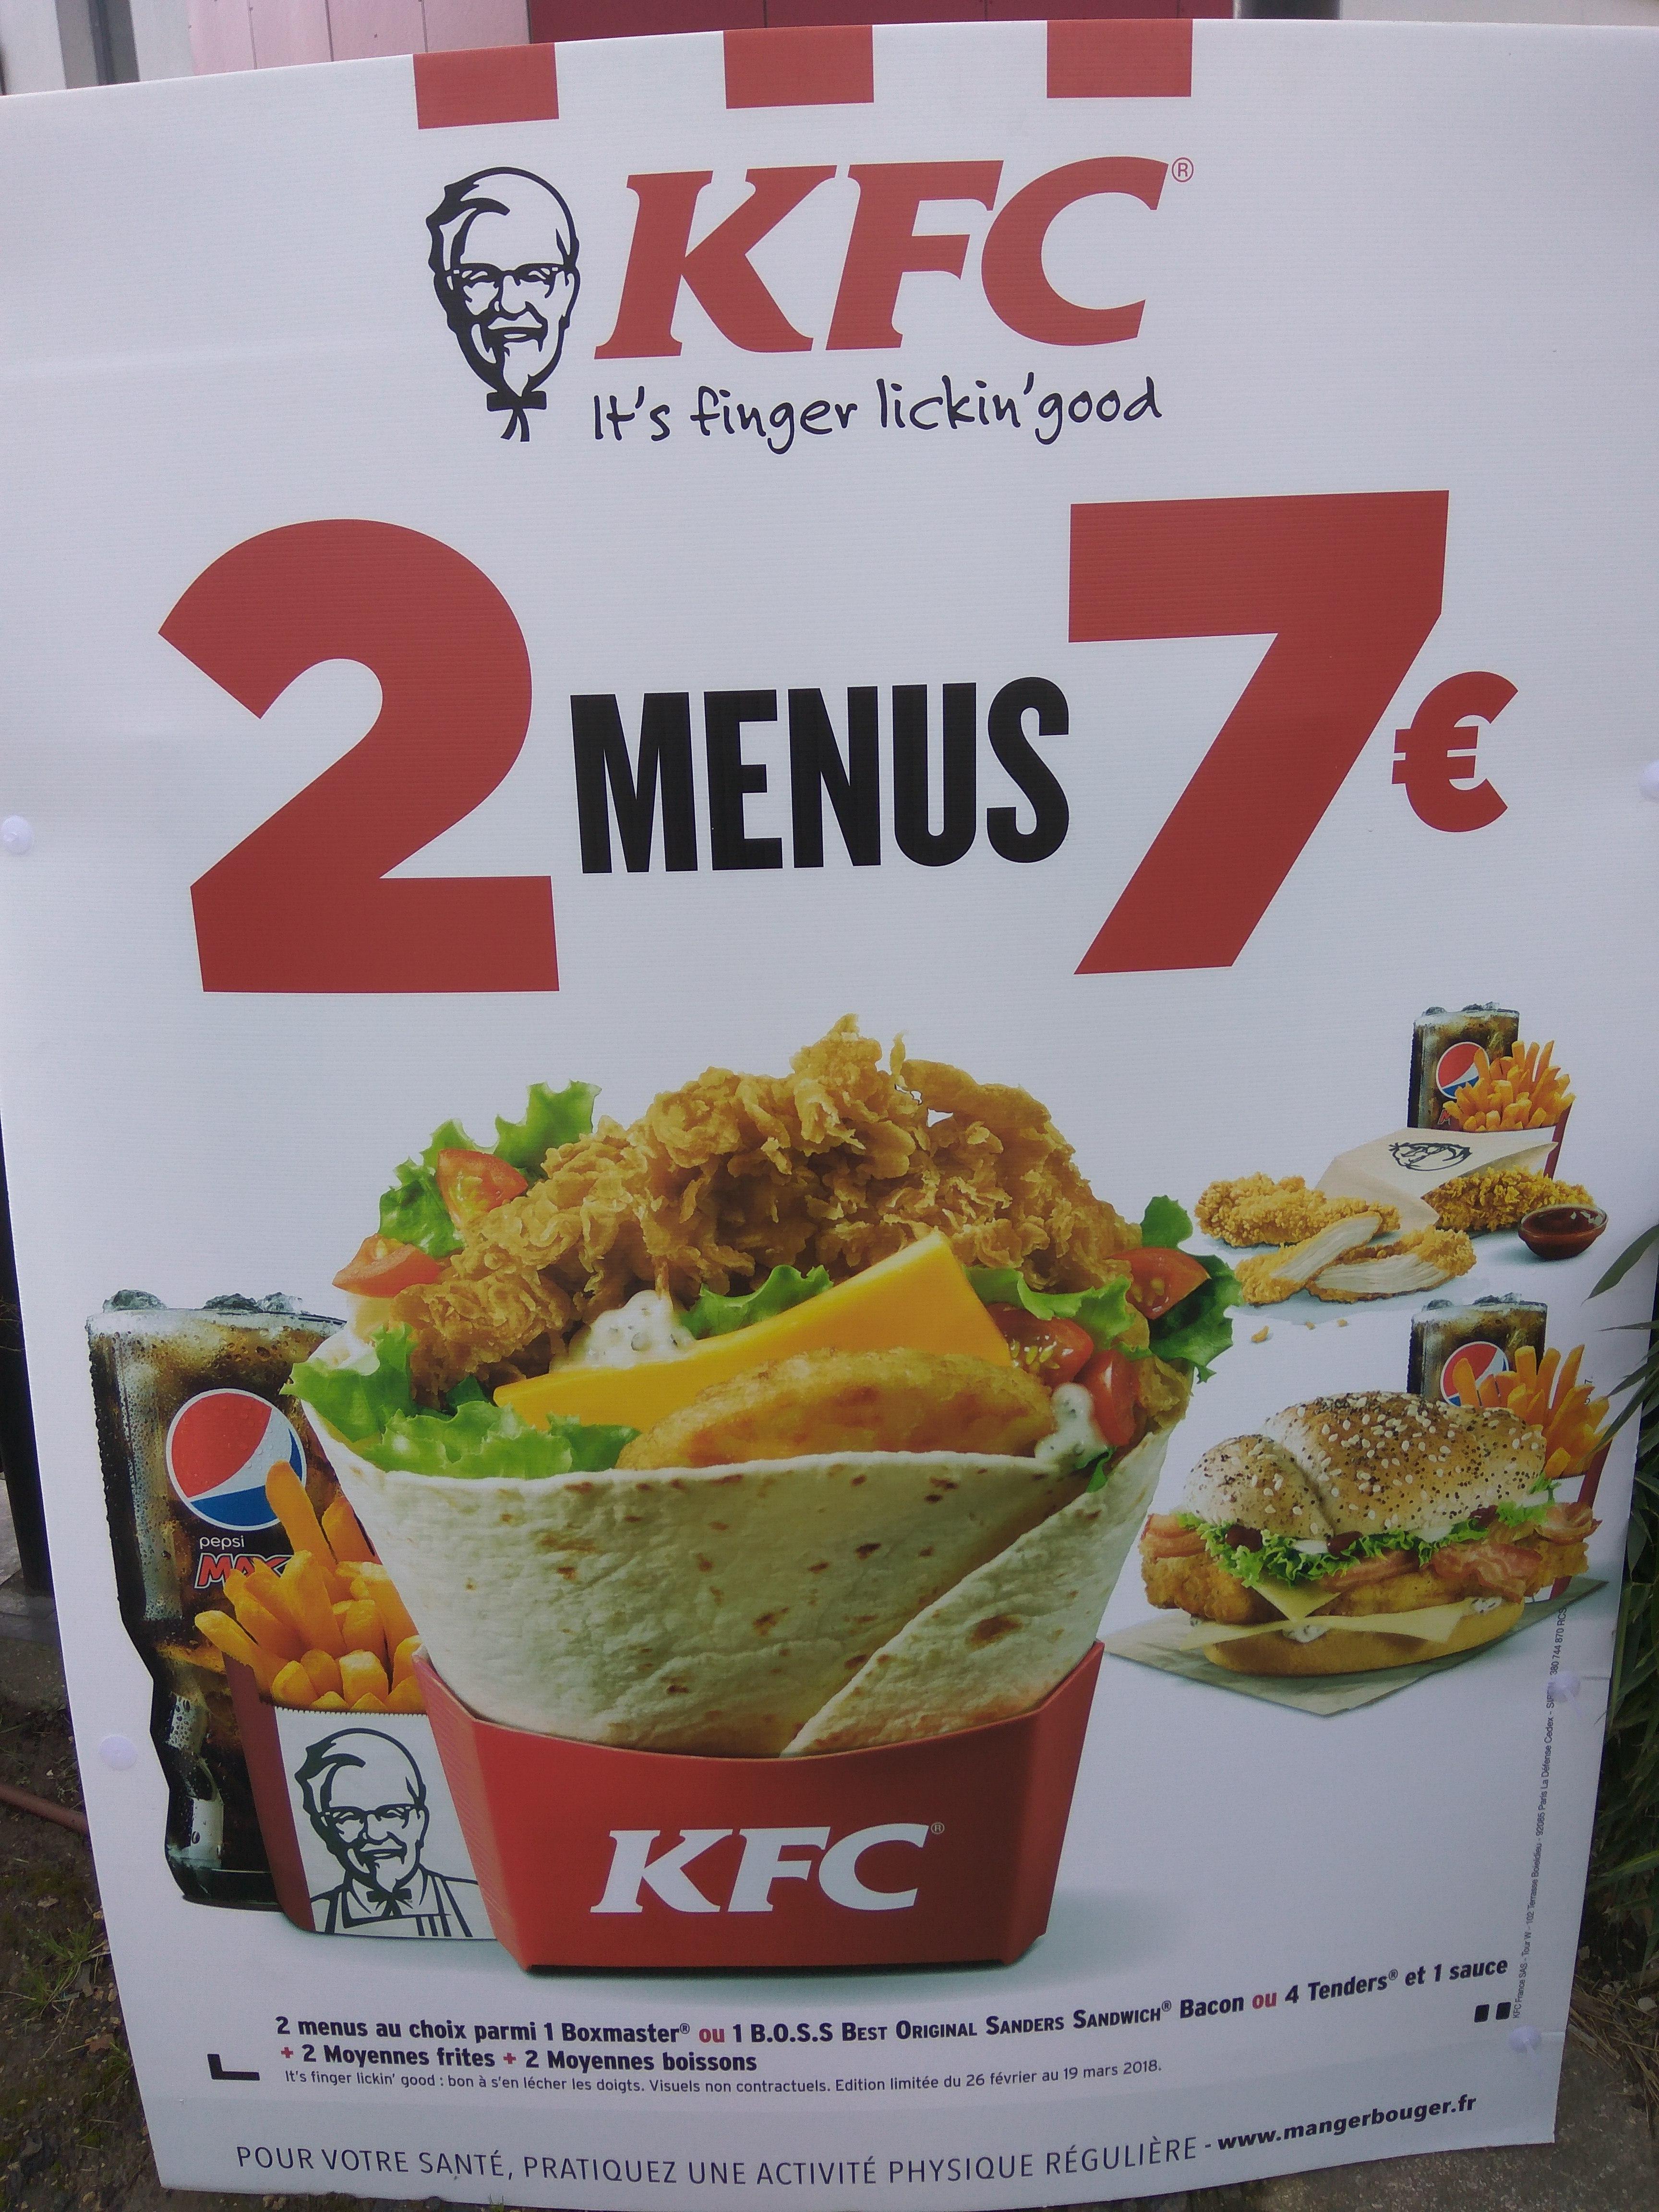 2 Menus au choix parmi : Boxmaster, BOSS Bacon ou 4 Tenders pour 7€ - KFC Grigny (91)